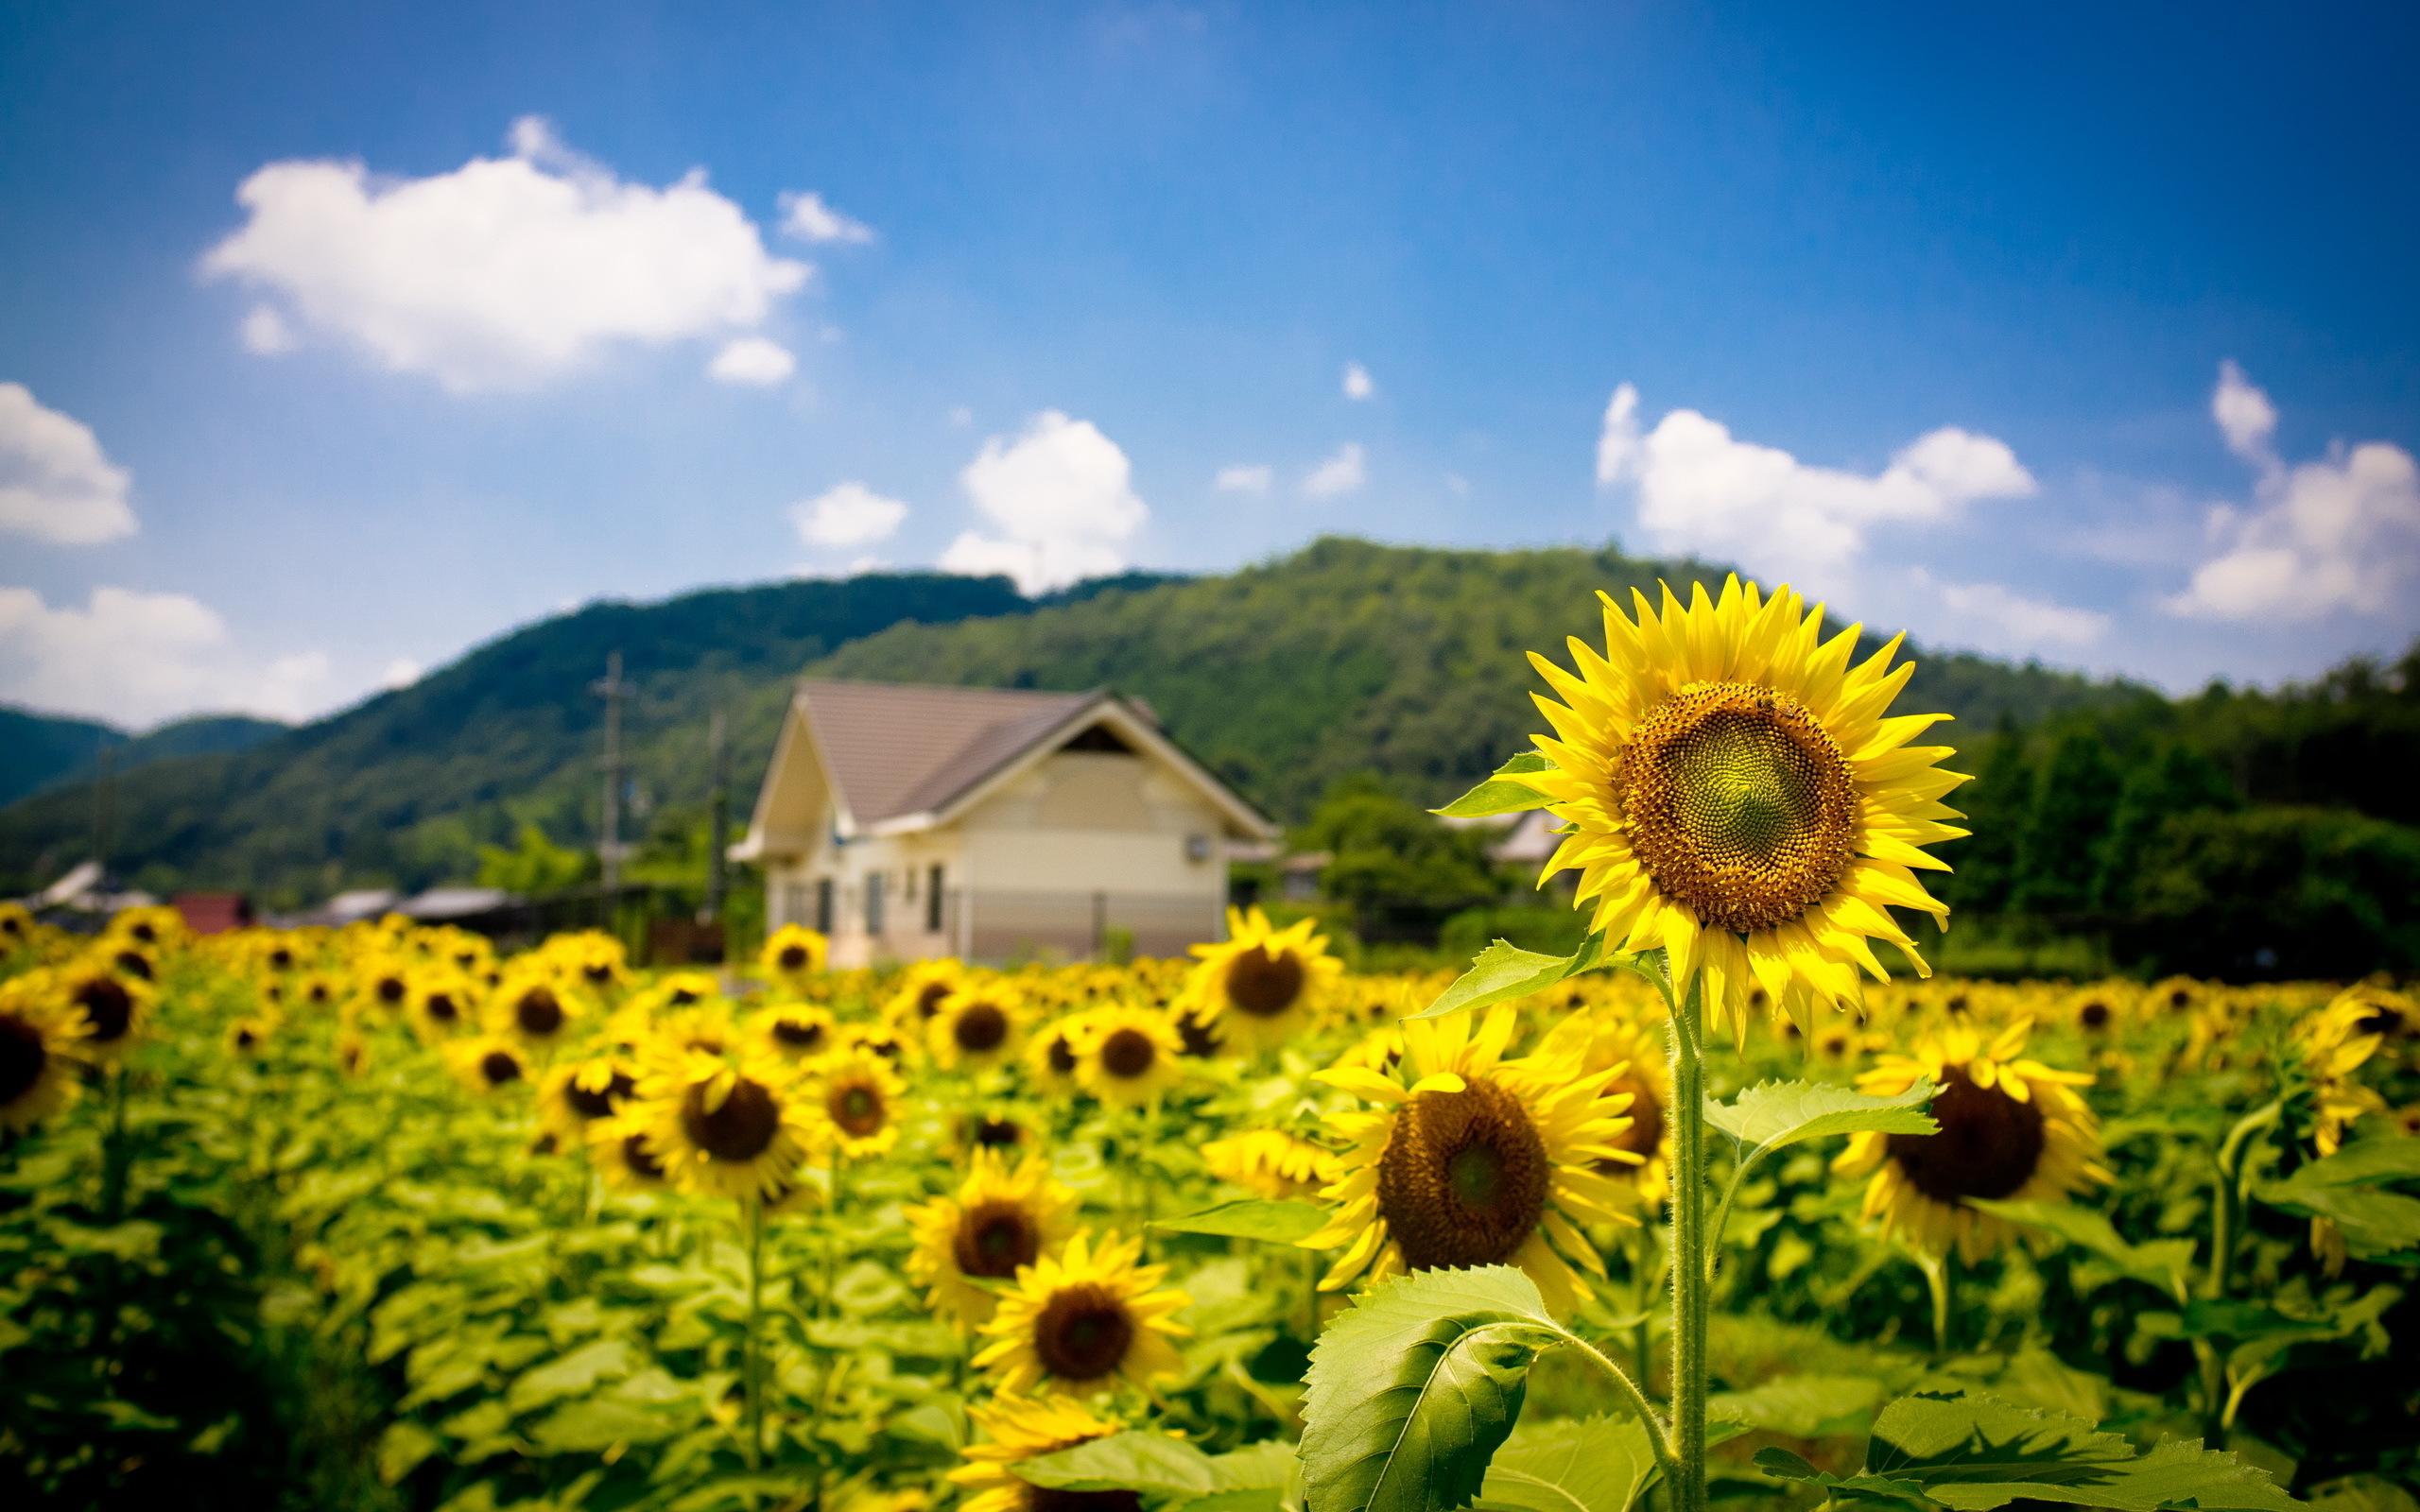 Summer Sunflowers Field Hd Desktop Wallpapers 4k Hd